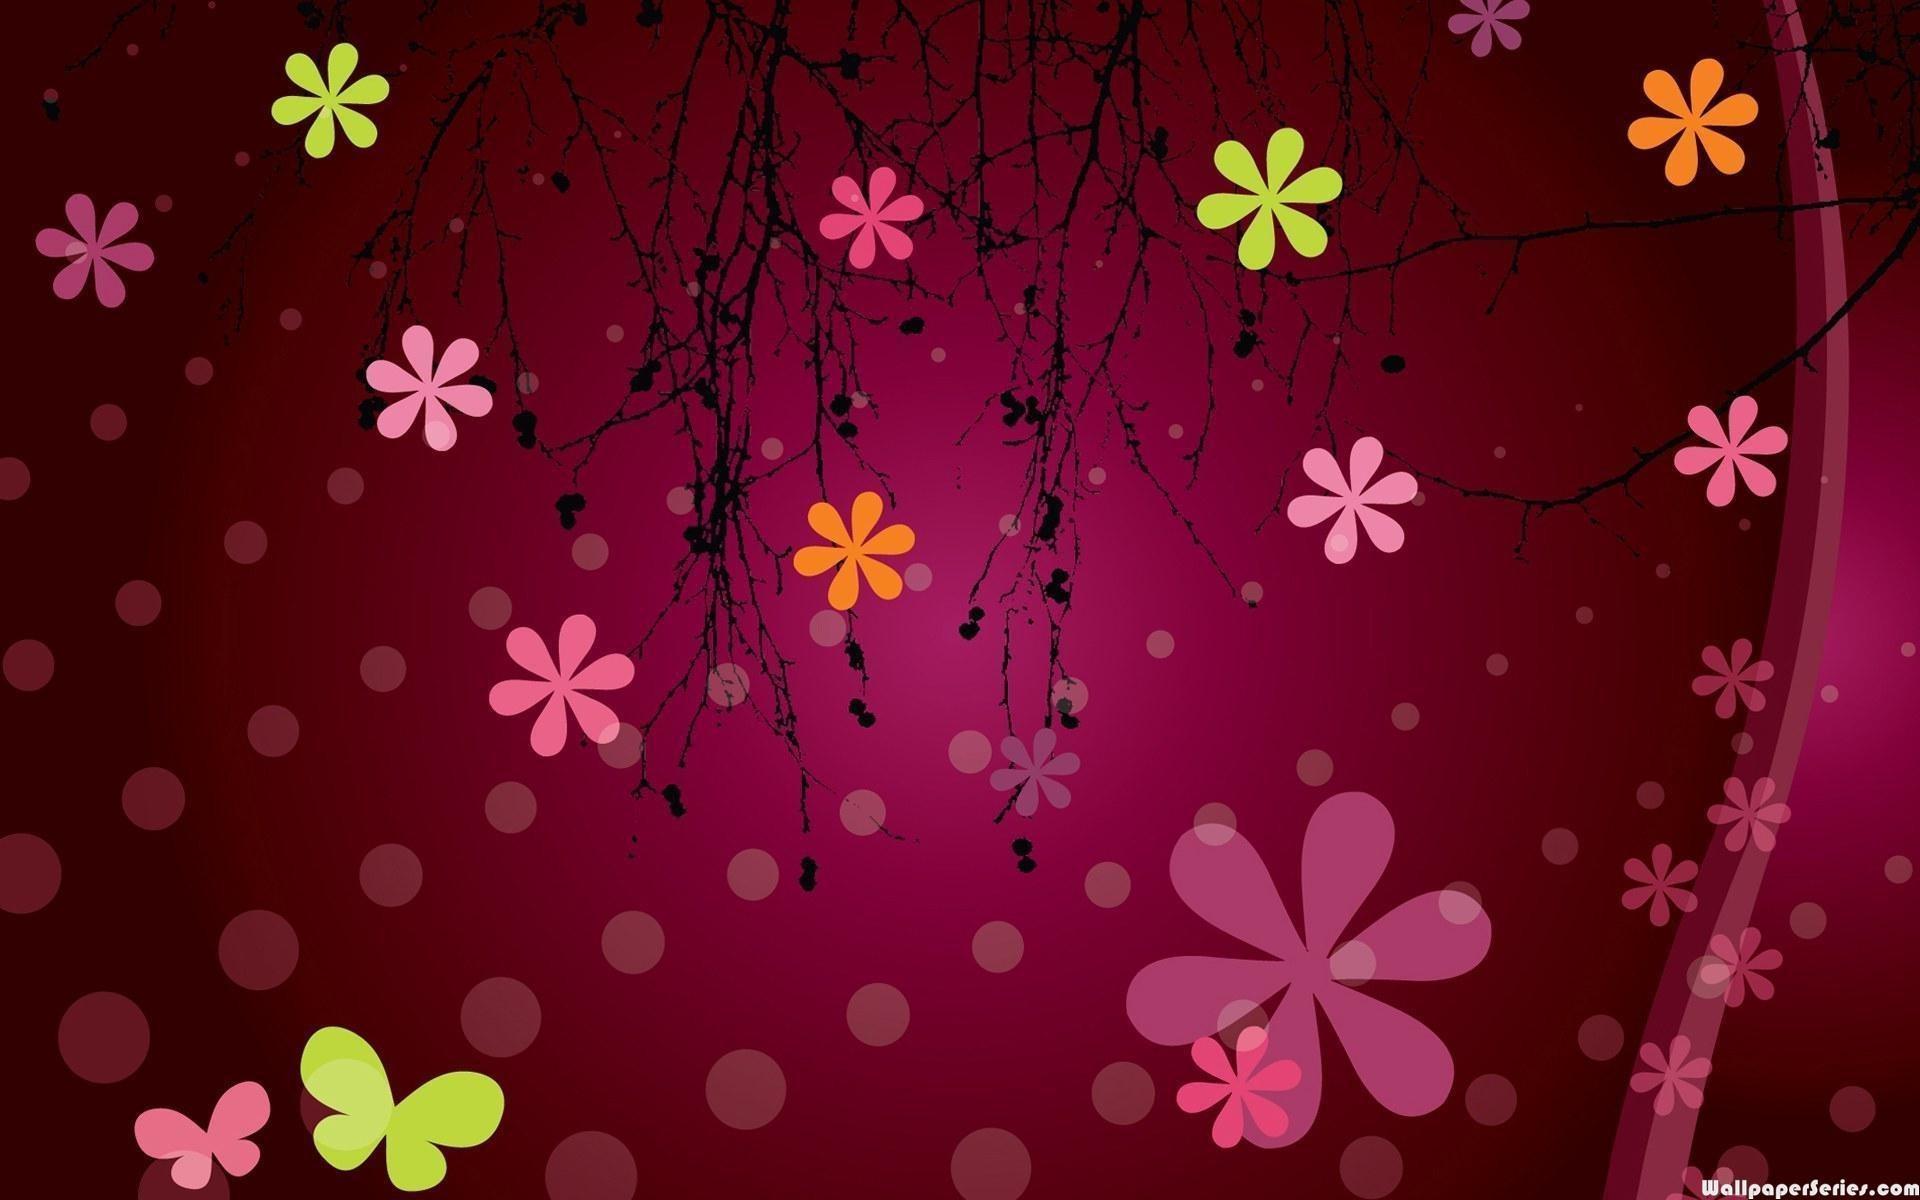 pink and black backgrounds for desktop 183��